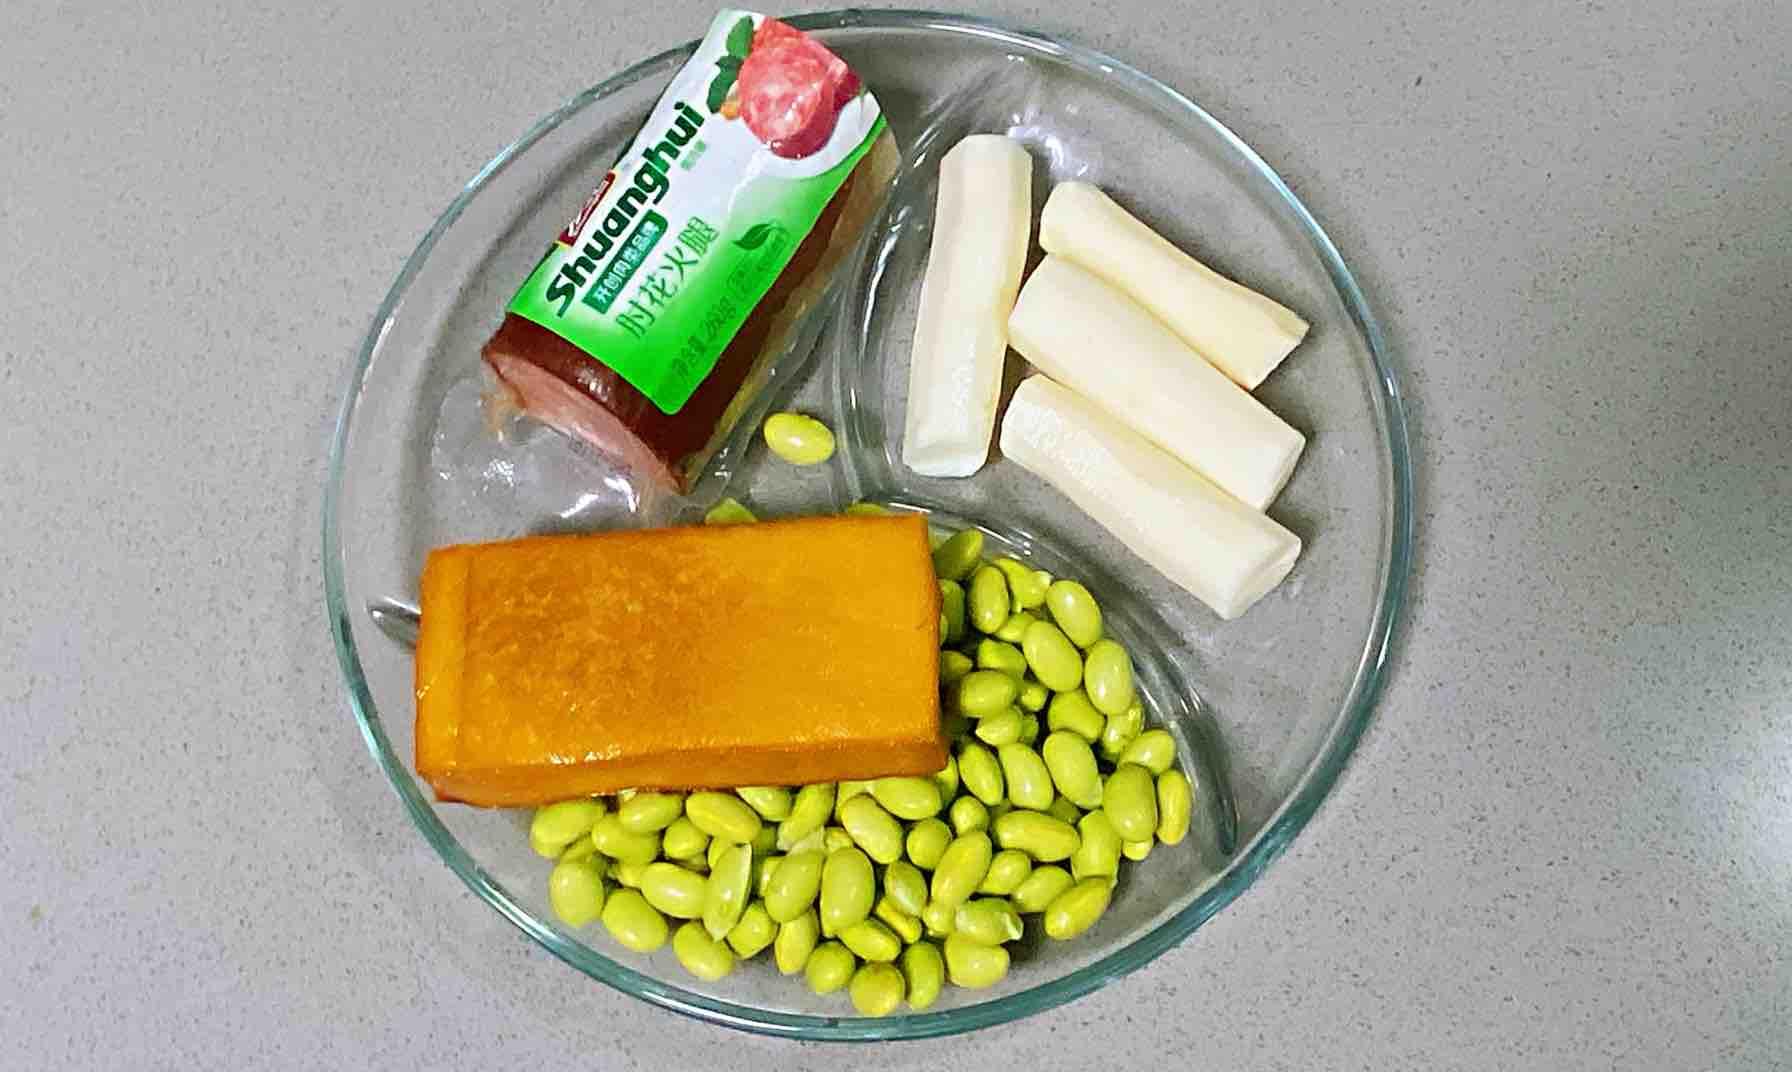 【孕妇食谱】火腿毛豆山药丁,营养丰富、色香味美~的做法图解